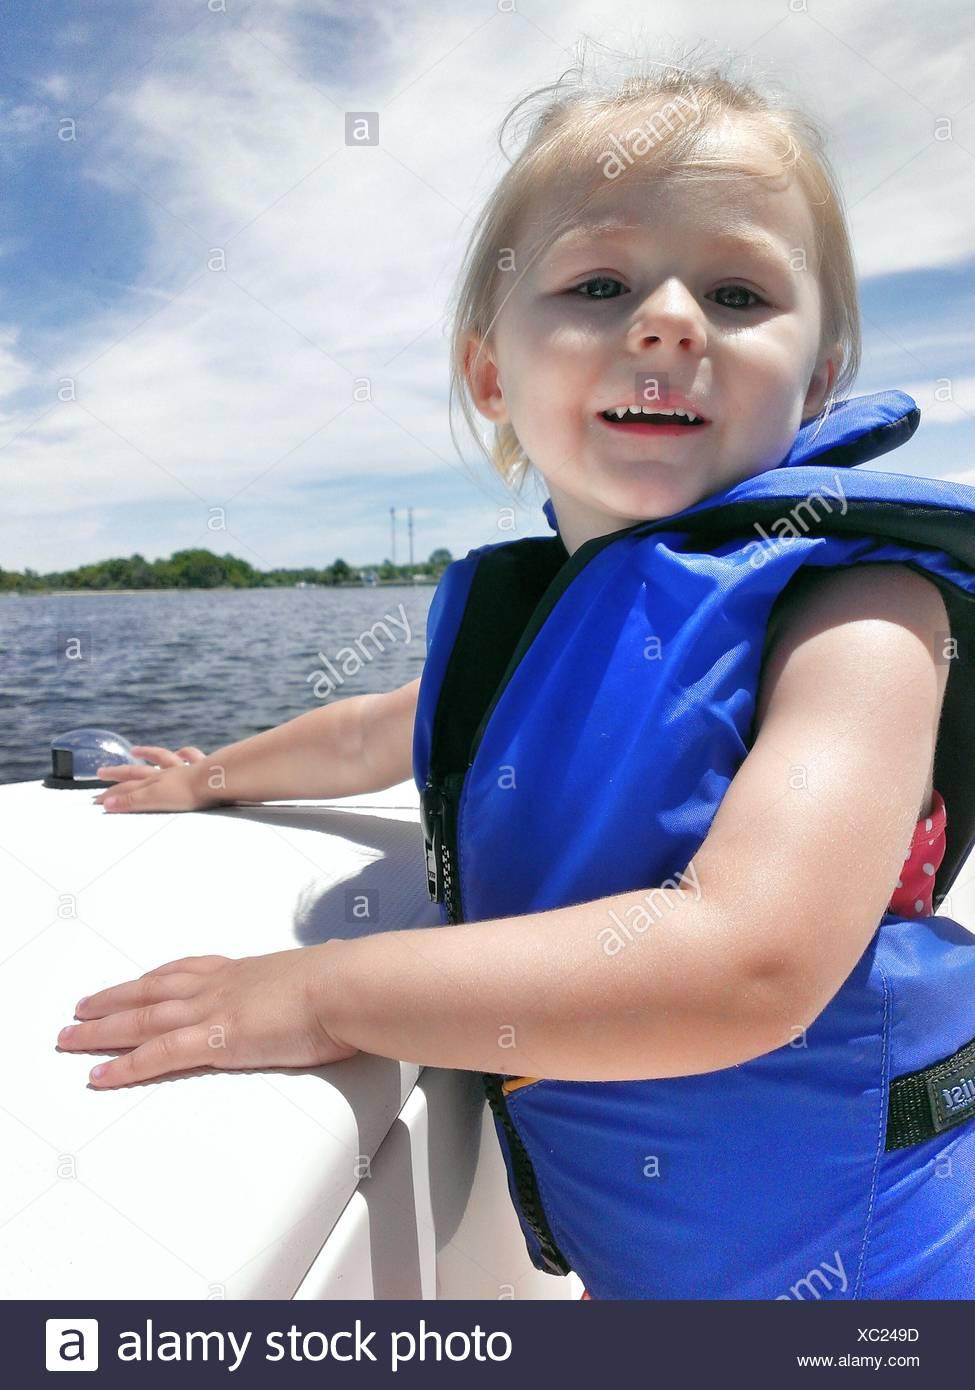 Retrato de la alegre niña de chaqueta de seguridad Imagen De Stock